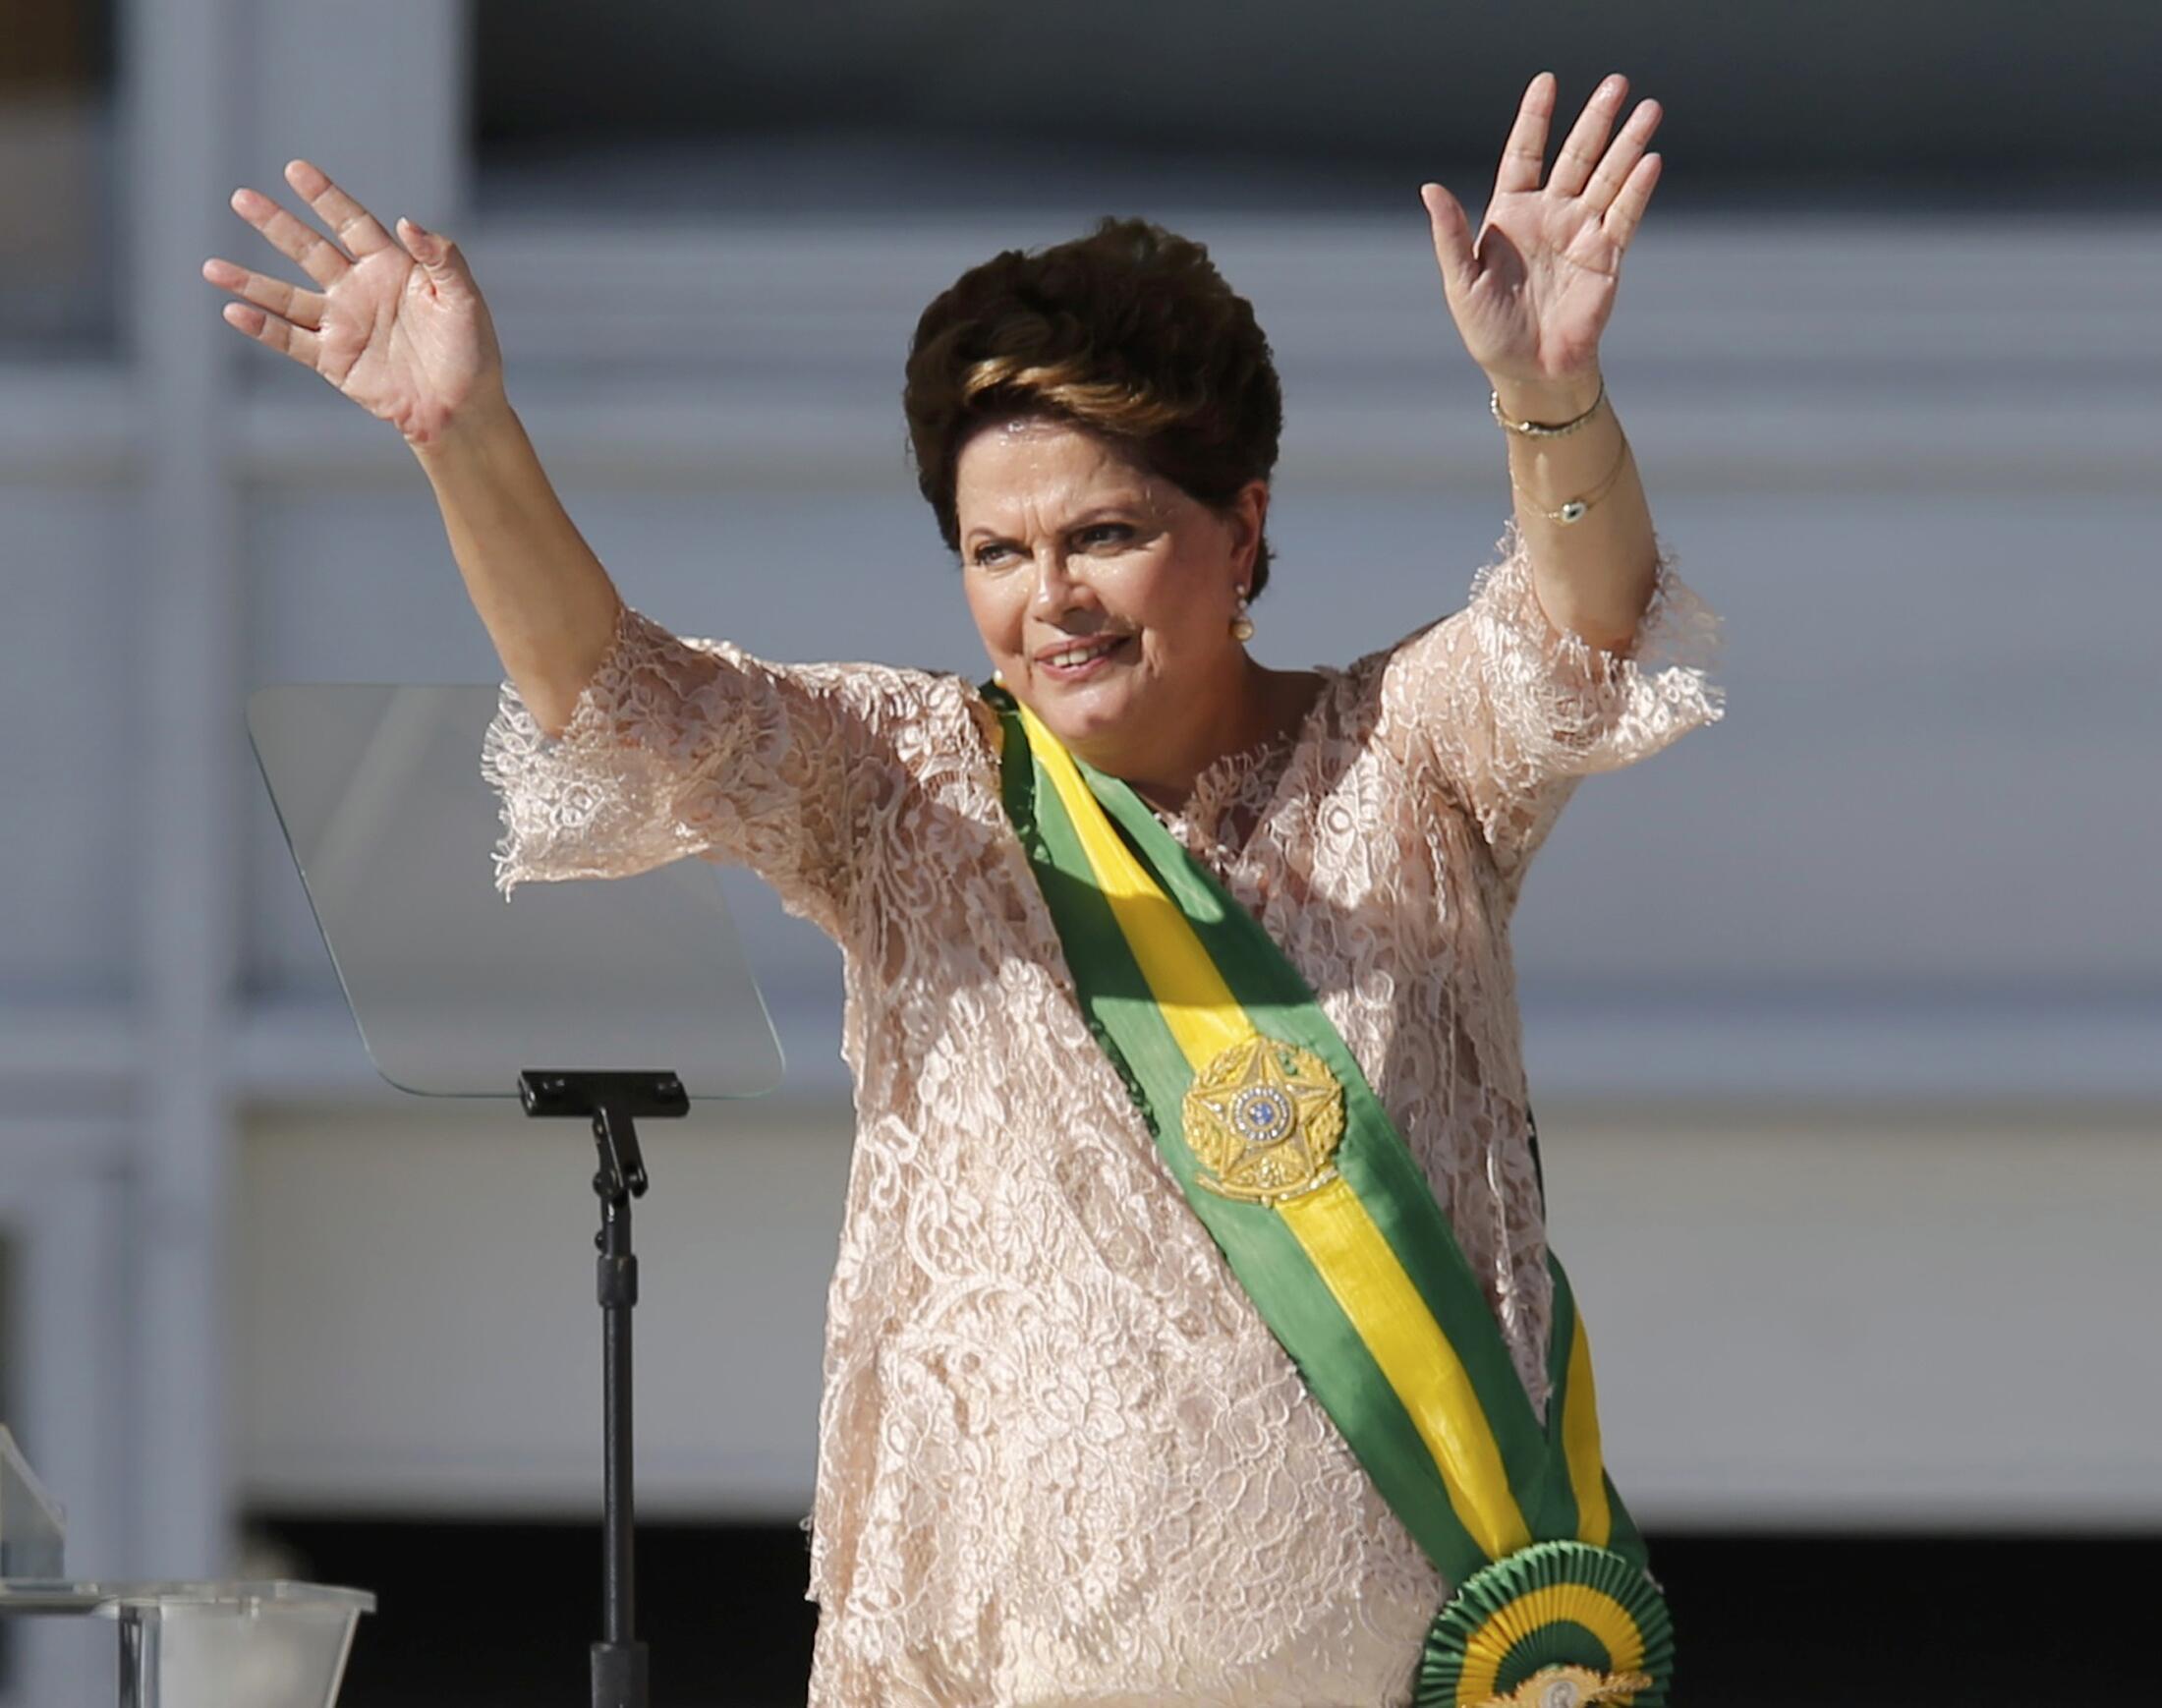 A presidente Dilma Rousseff durante a posse do segundo mandato, em Brasília, no dia 1° de janeiro de 2015.